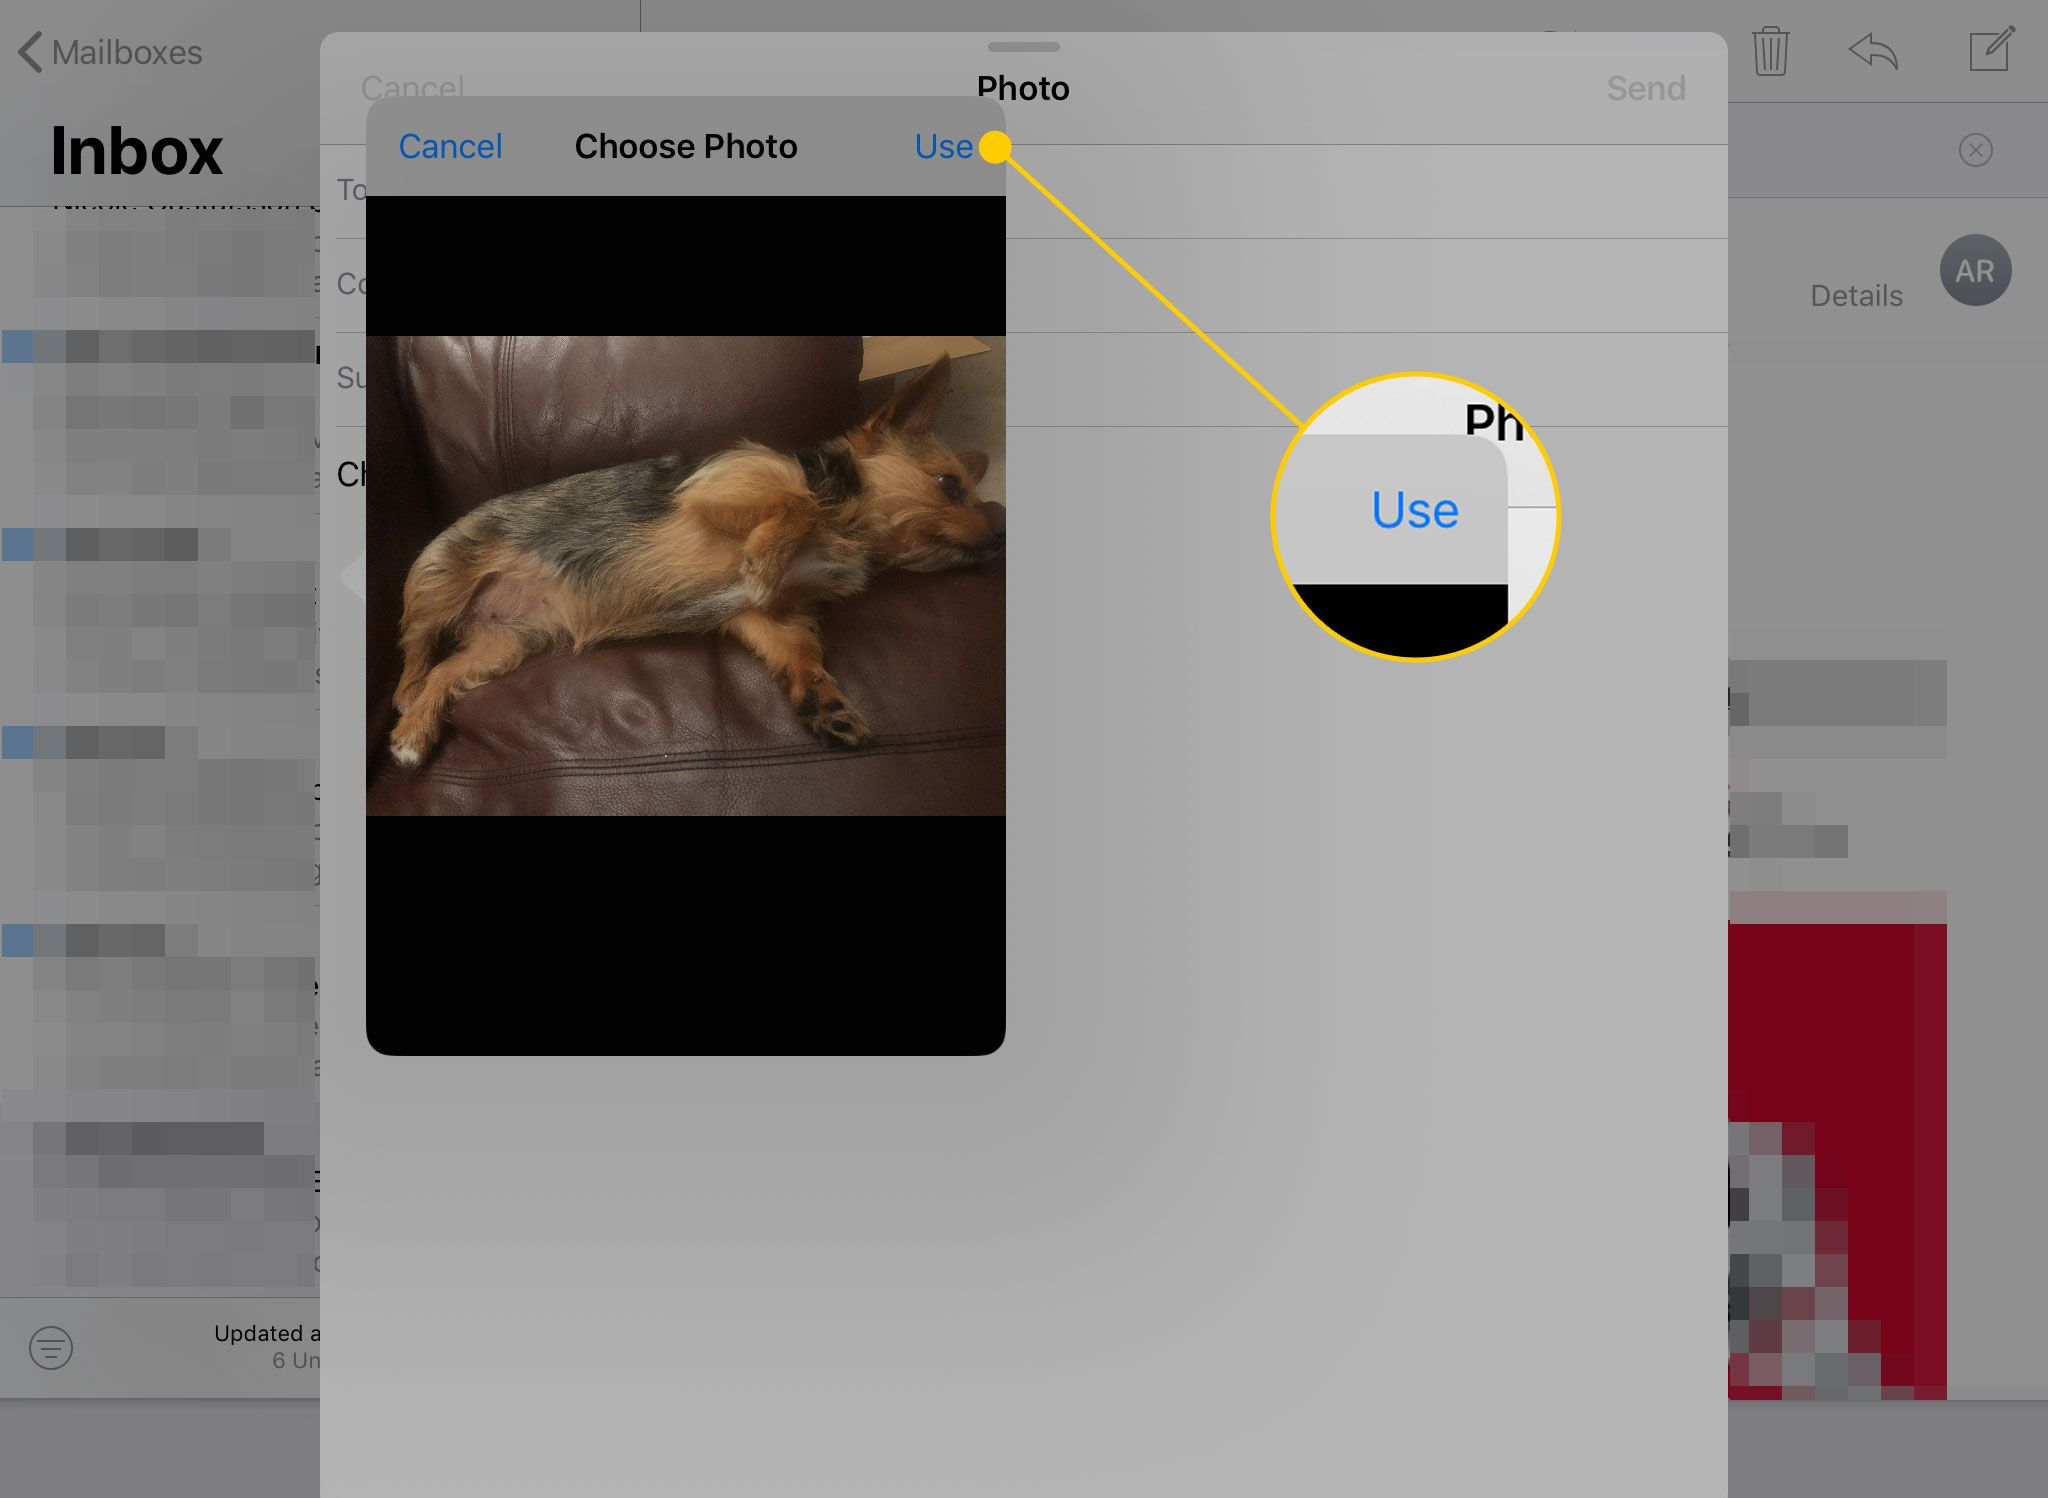 Окно выбора фотографии, открытое в электронном письме на iPad с выделенной кнопкой «Использовать»